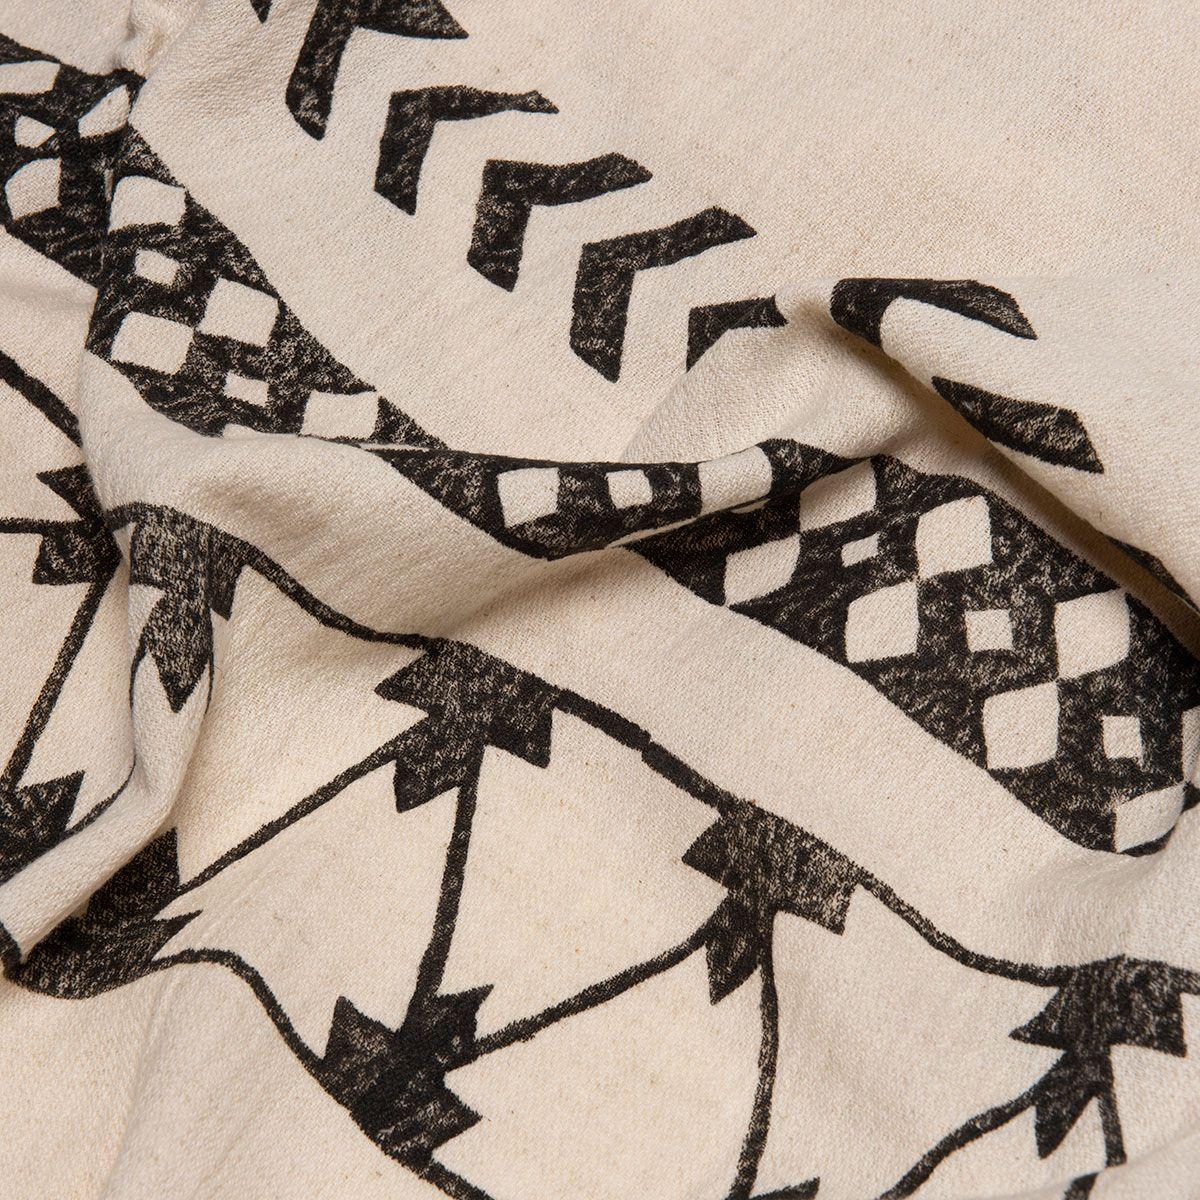 Peshtemal Hand printed 06 - Black